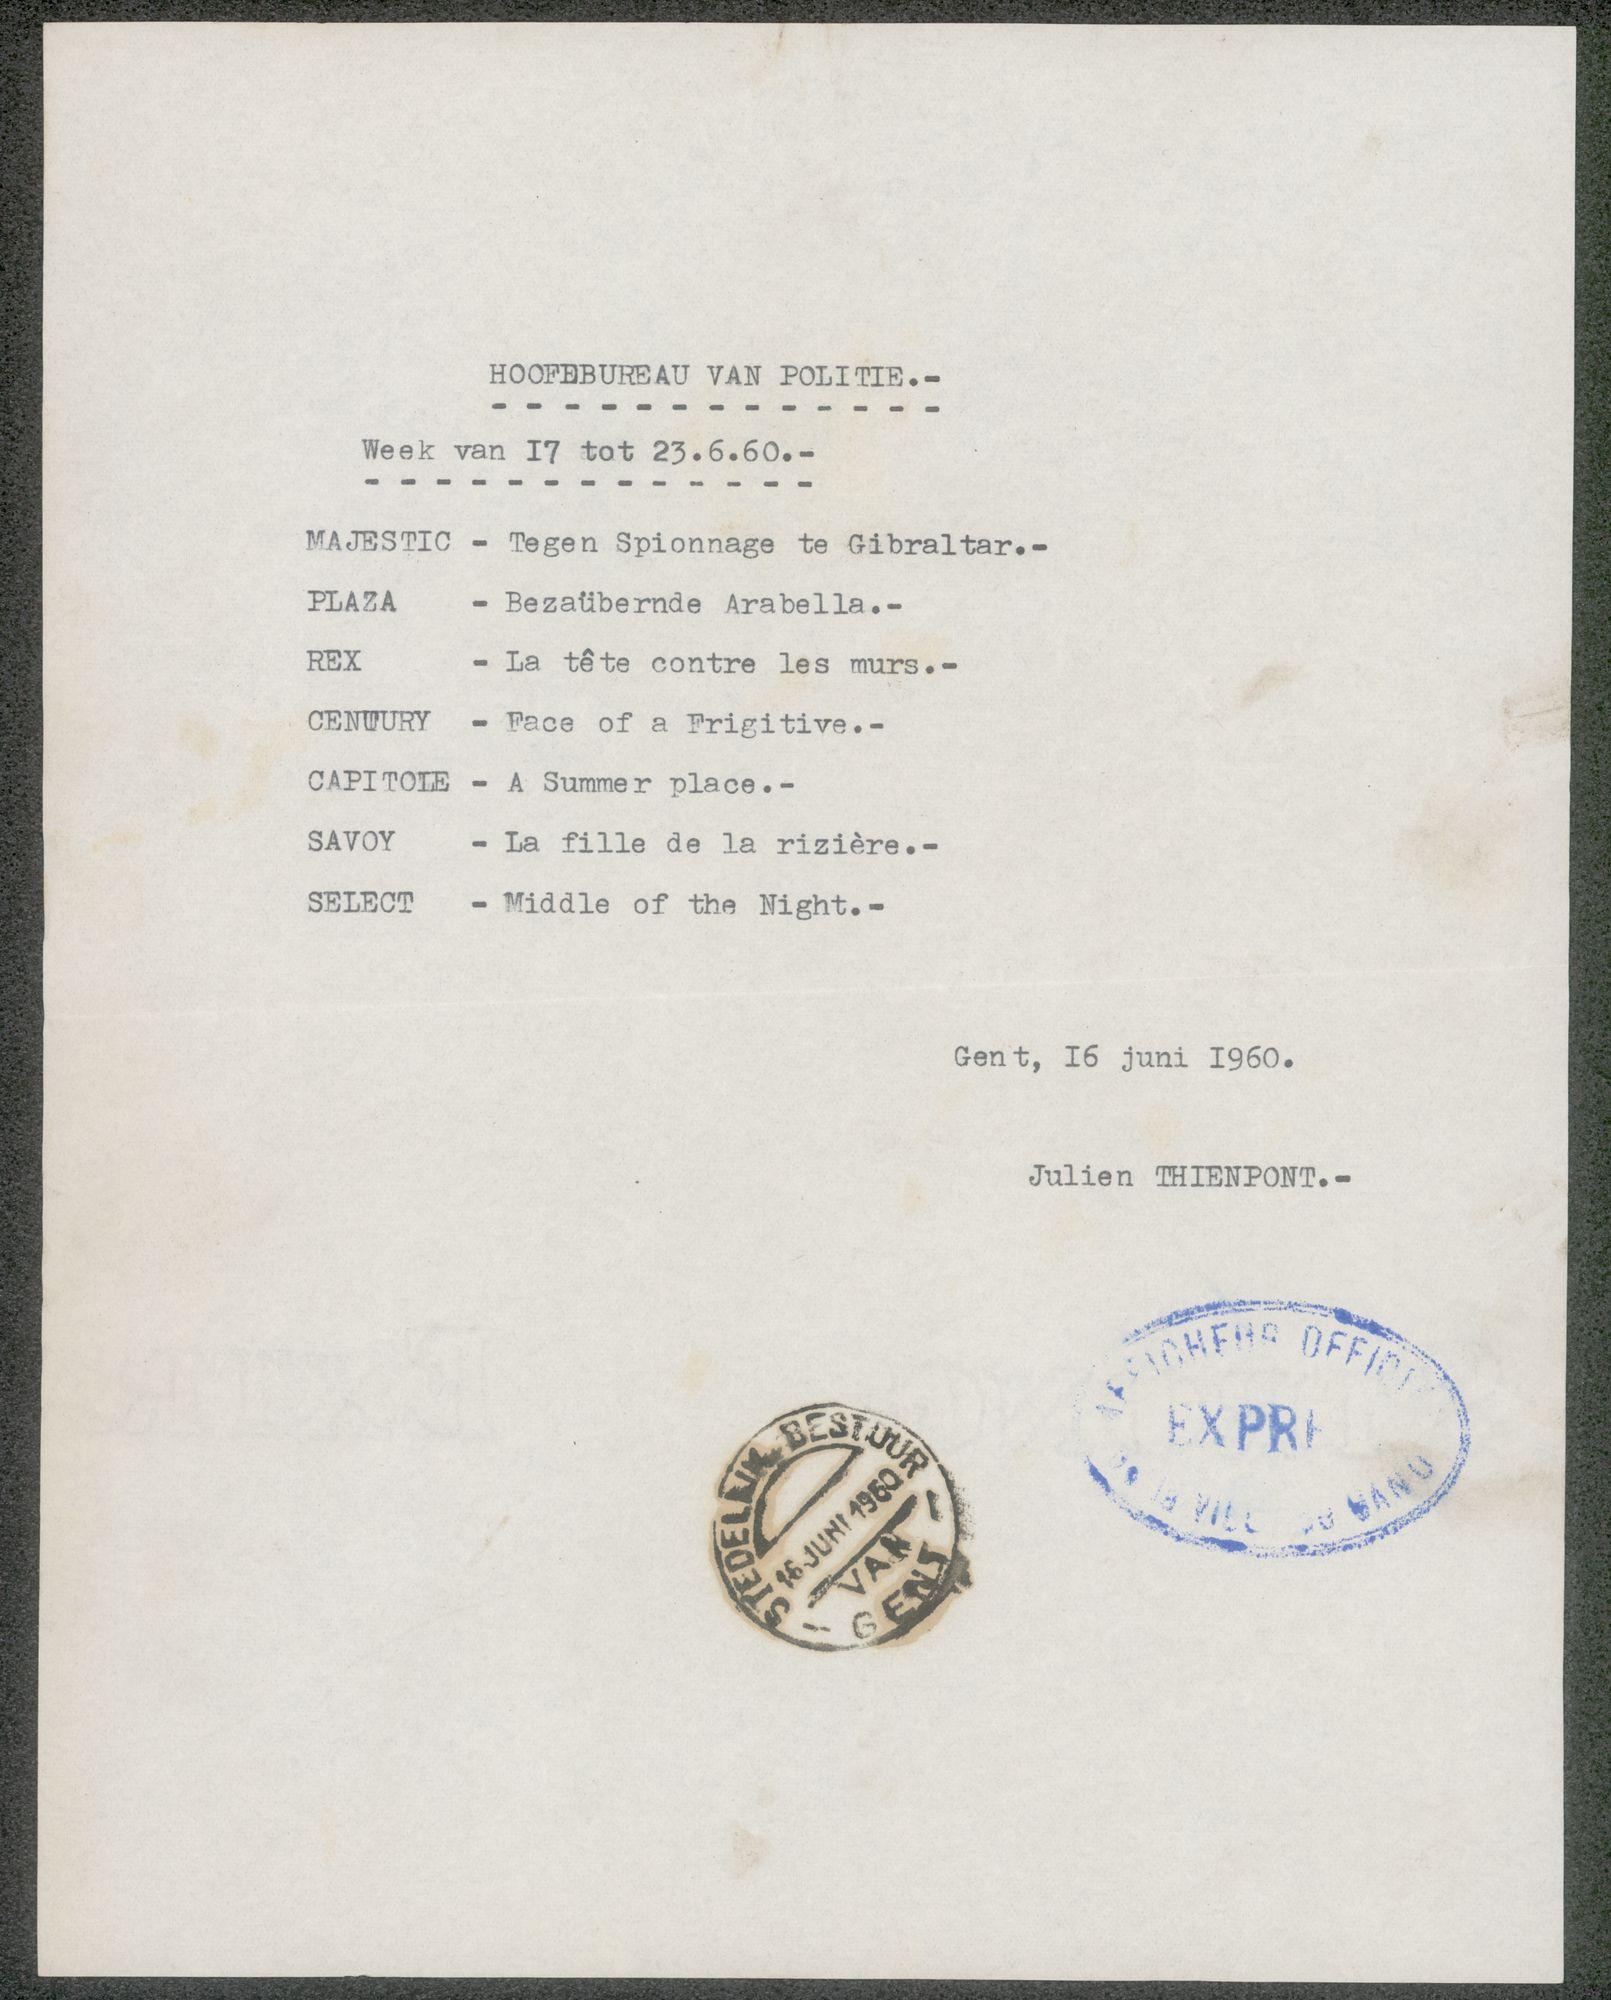 Lijst van filmaffiches afgegeven aan het hoofdbureau van politie, Gent, week van 17 tot 23 Juni 1960